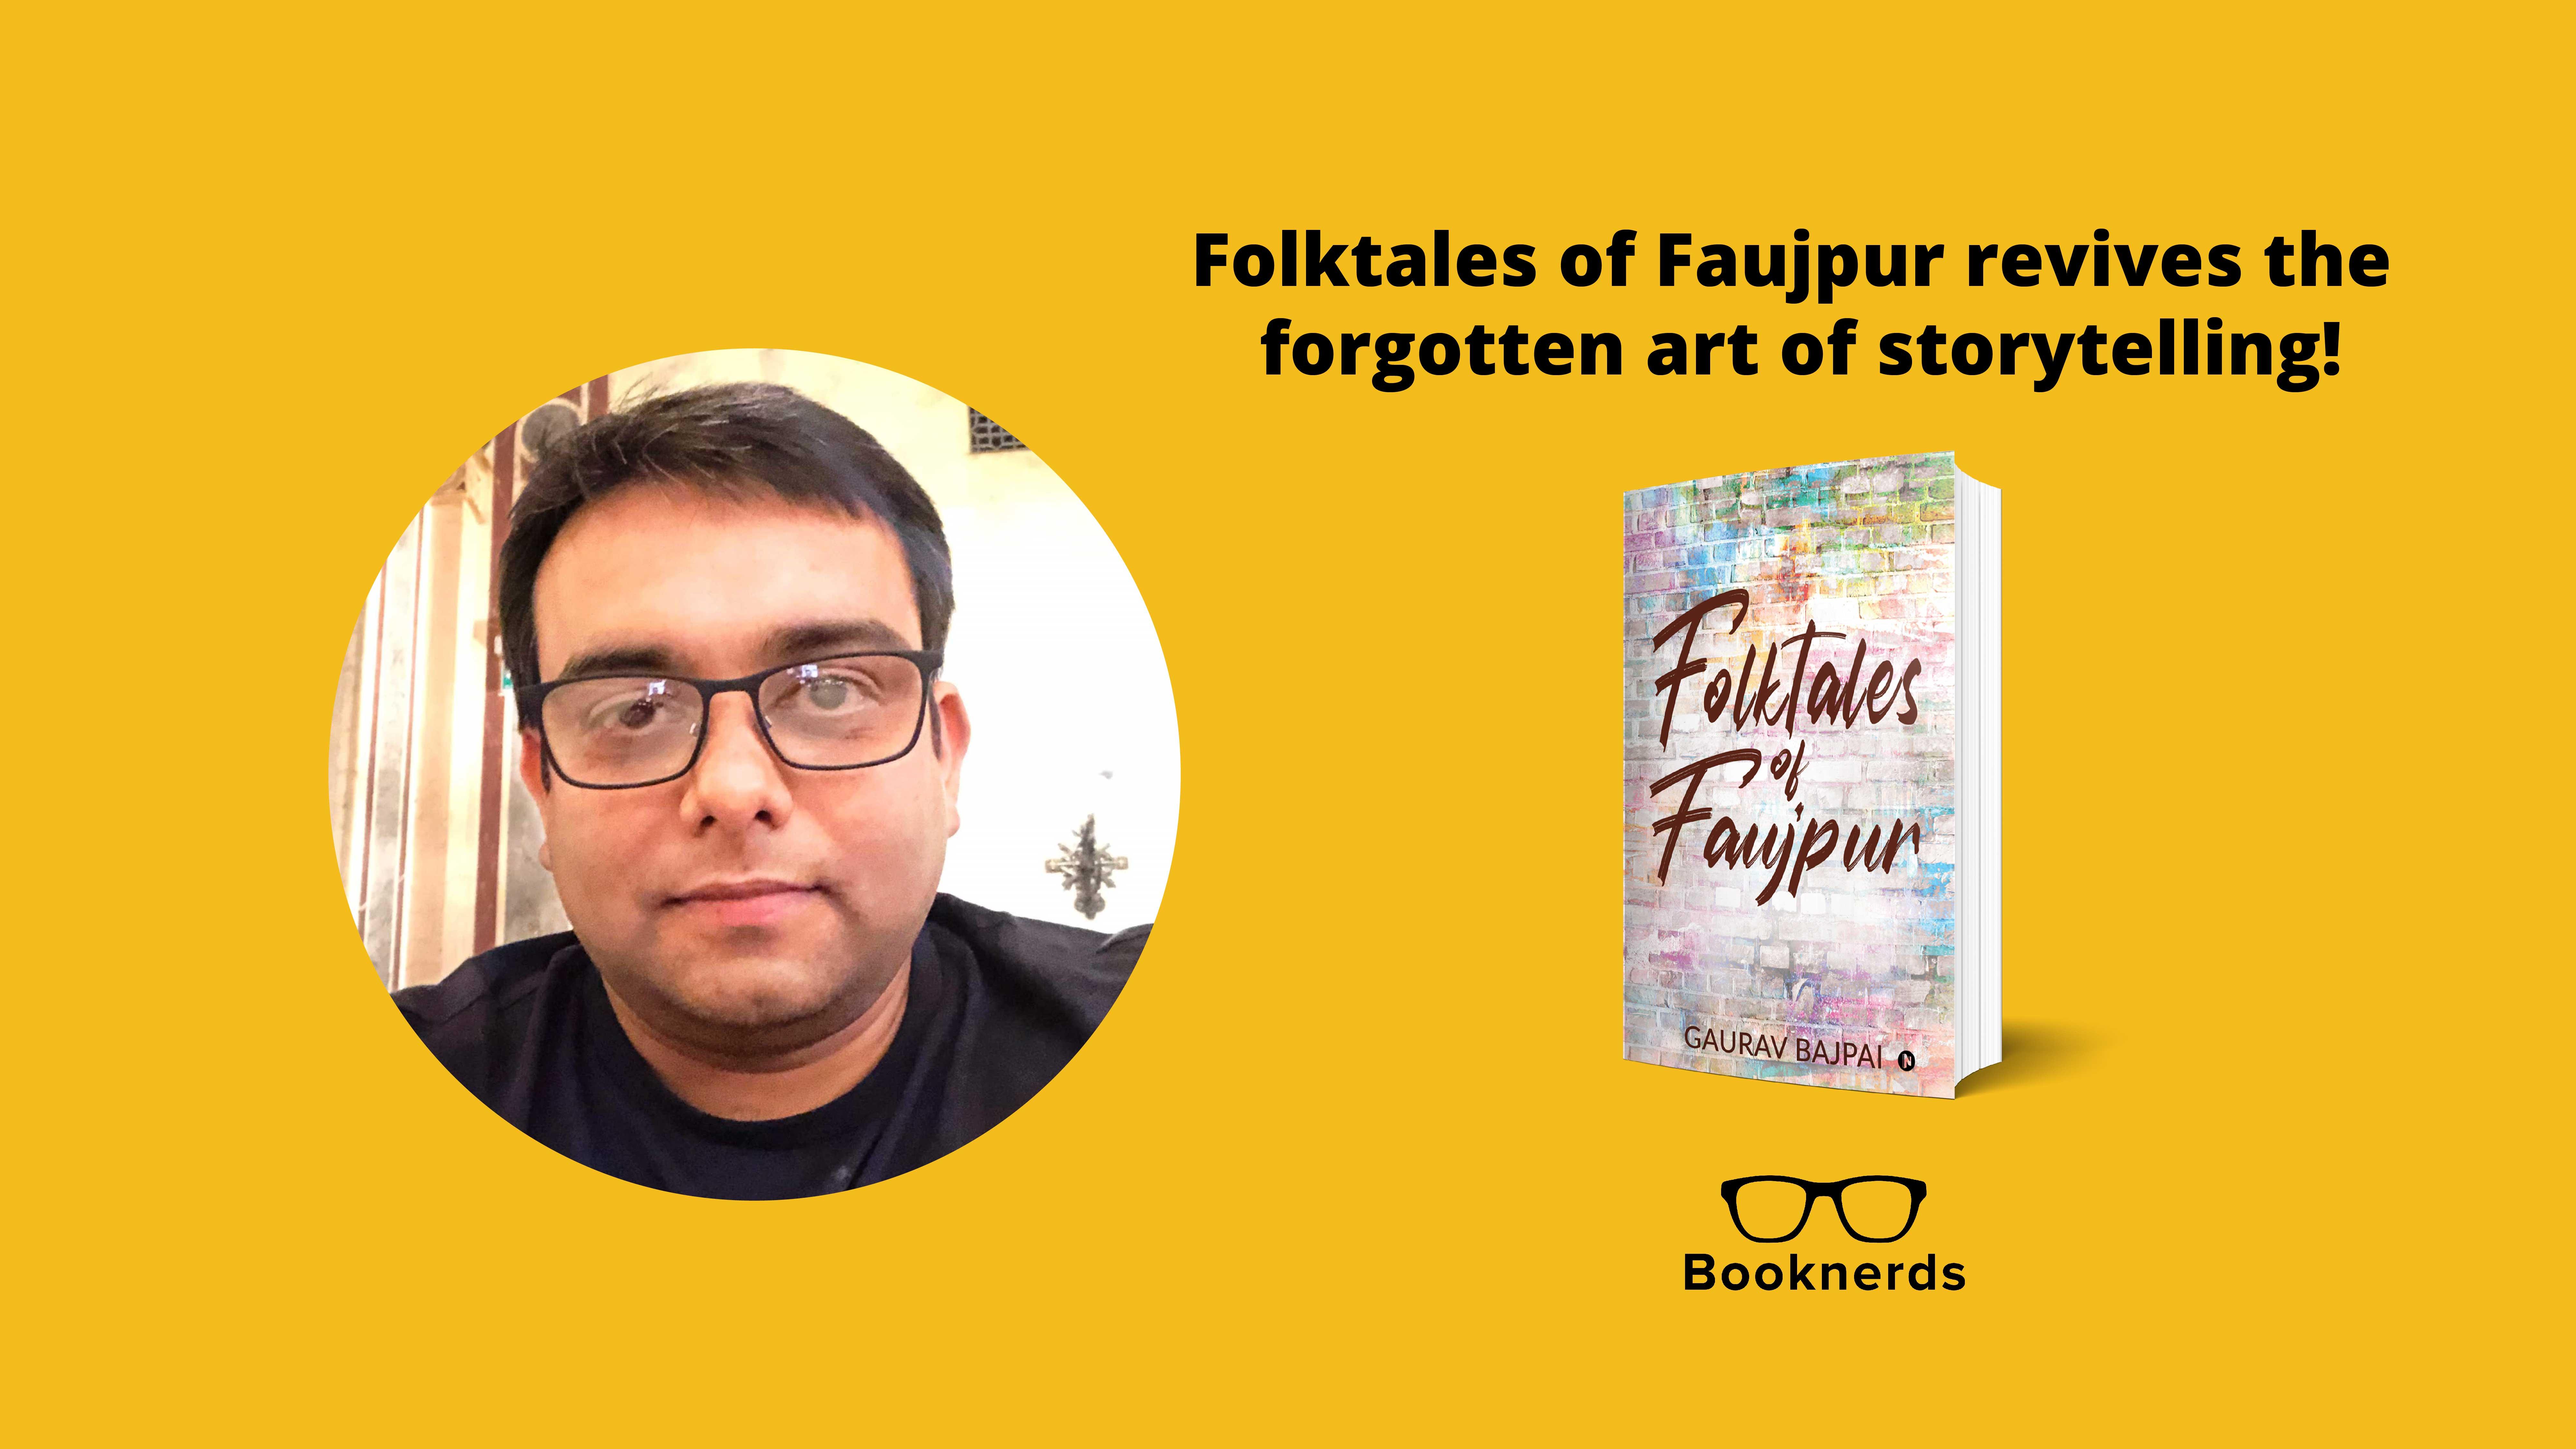 Folktales of Faujpur revives the forgotten art of storytelling!